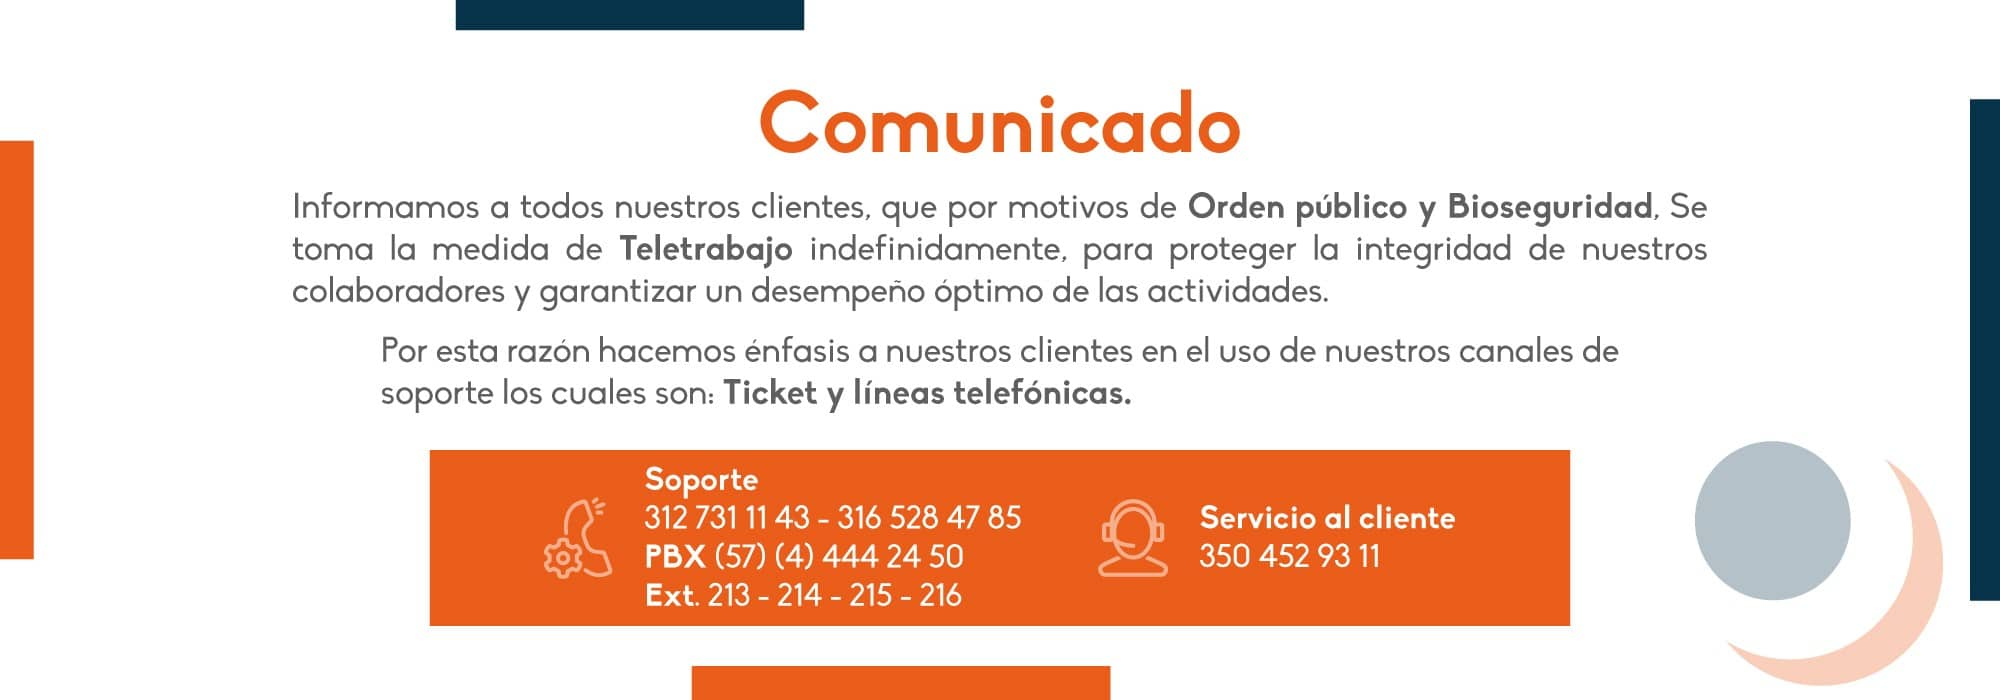 comunicado-teletrabajo-banner